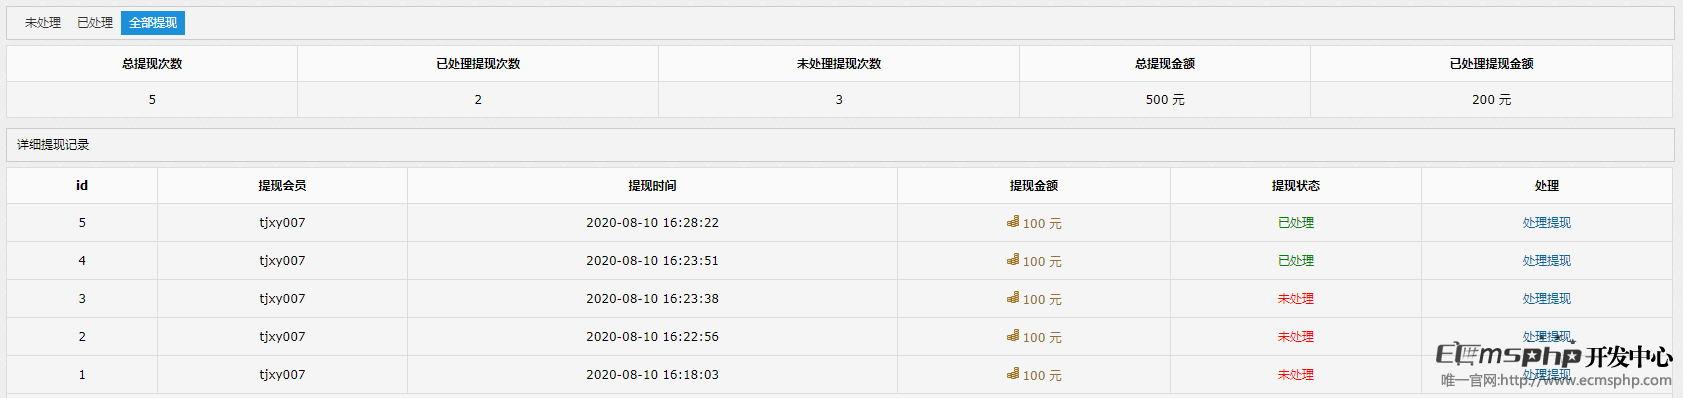 帝国cms下载分成积分提现插件